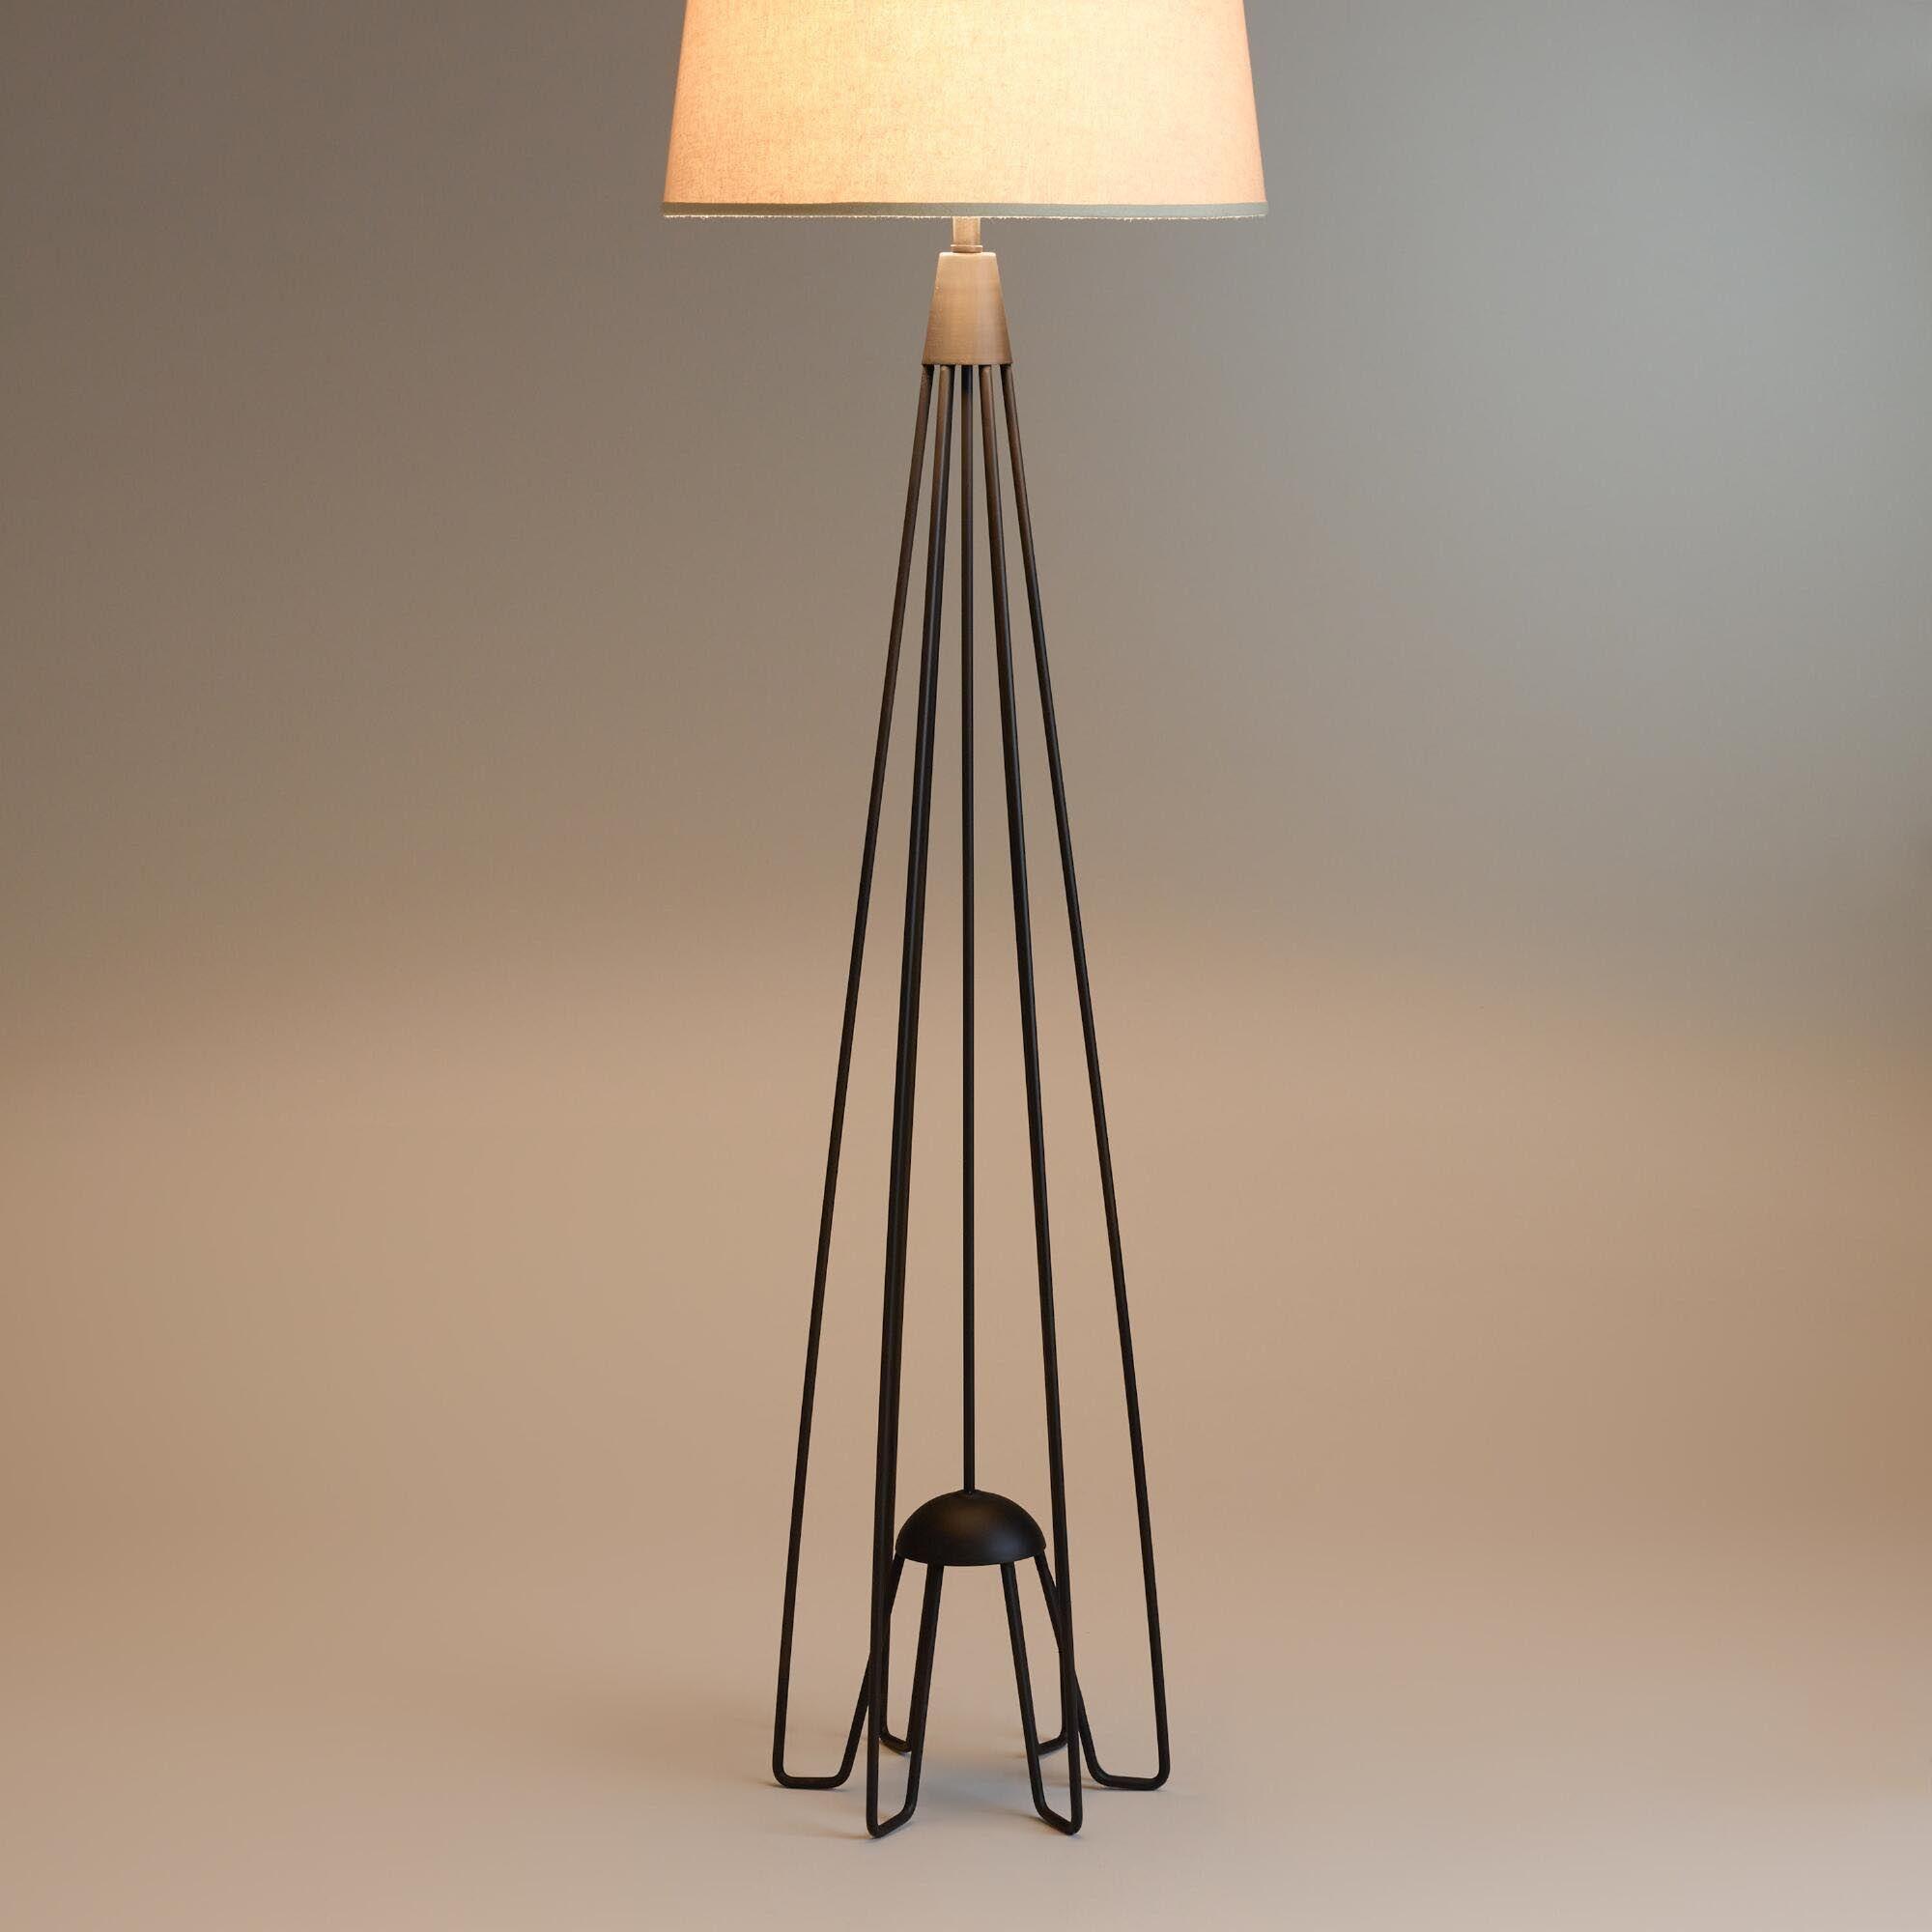 Wooden Foor Lamps Online India Floor Lamp Base Floor Lamp Lamp